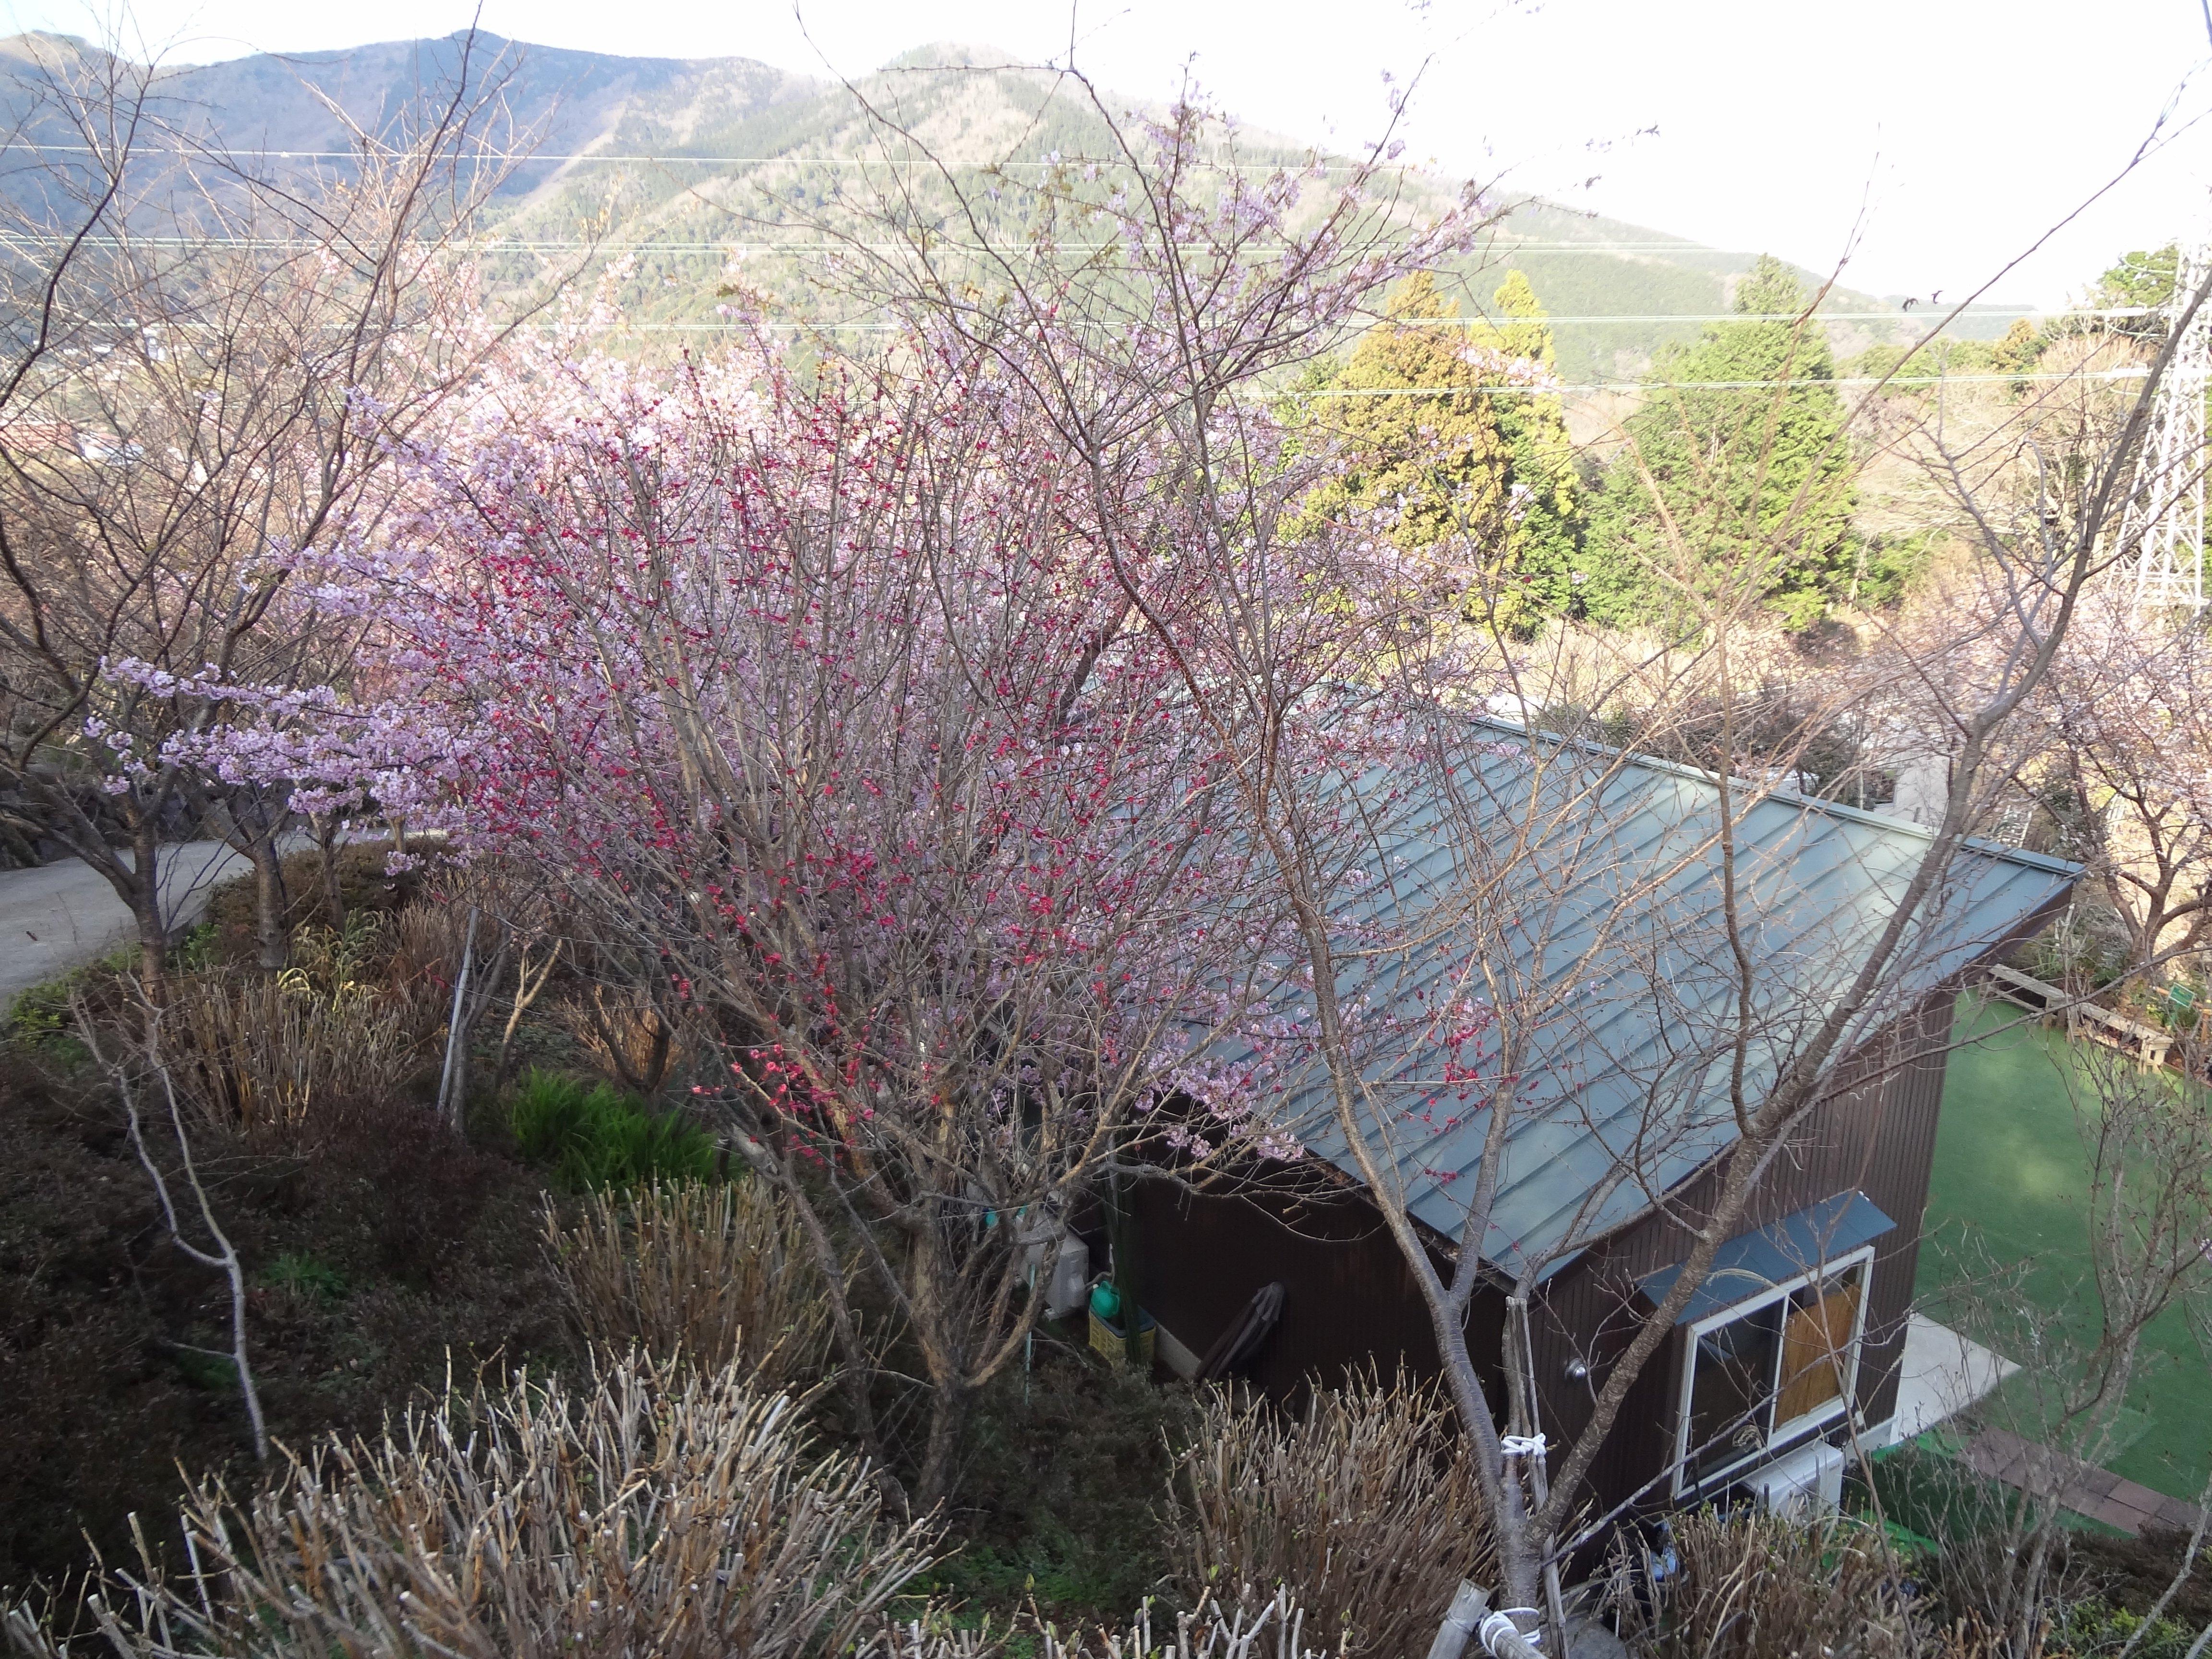 花影に隠れる ハルカスガーデン休憩所の緑の屋根